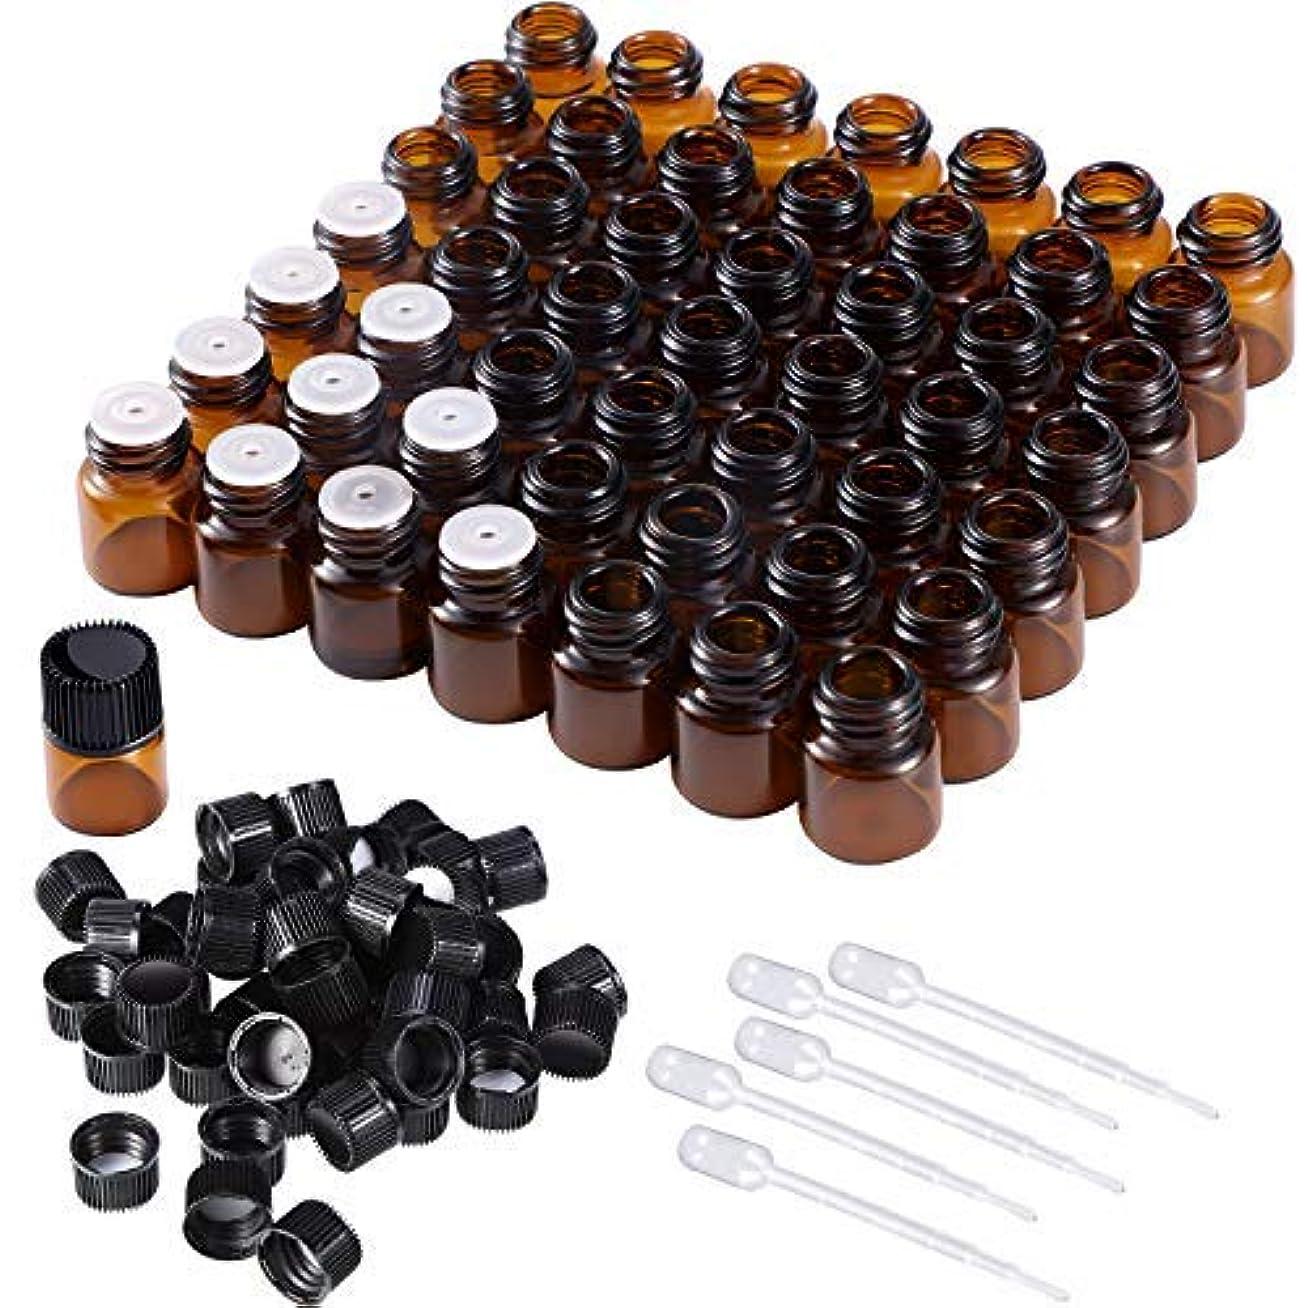 蚊どちらかお風呂を持っている50 Pieces 1 ml Mini Amber Glass Vial Bottles Essential Oil Bottles with Orifice Reducers Screw Caps and 5 Pieces Droppers for Essential Oils Storage [並行輸入品]